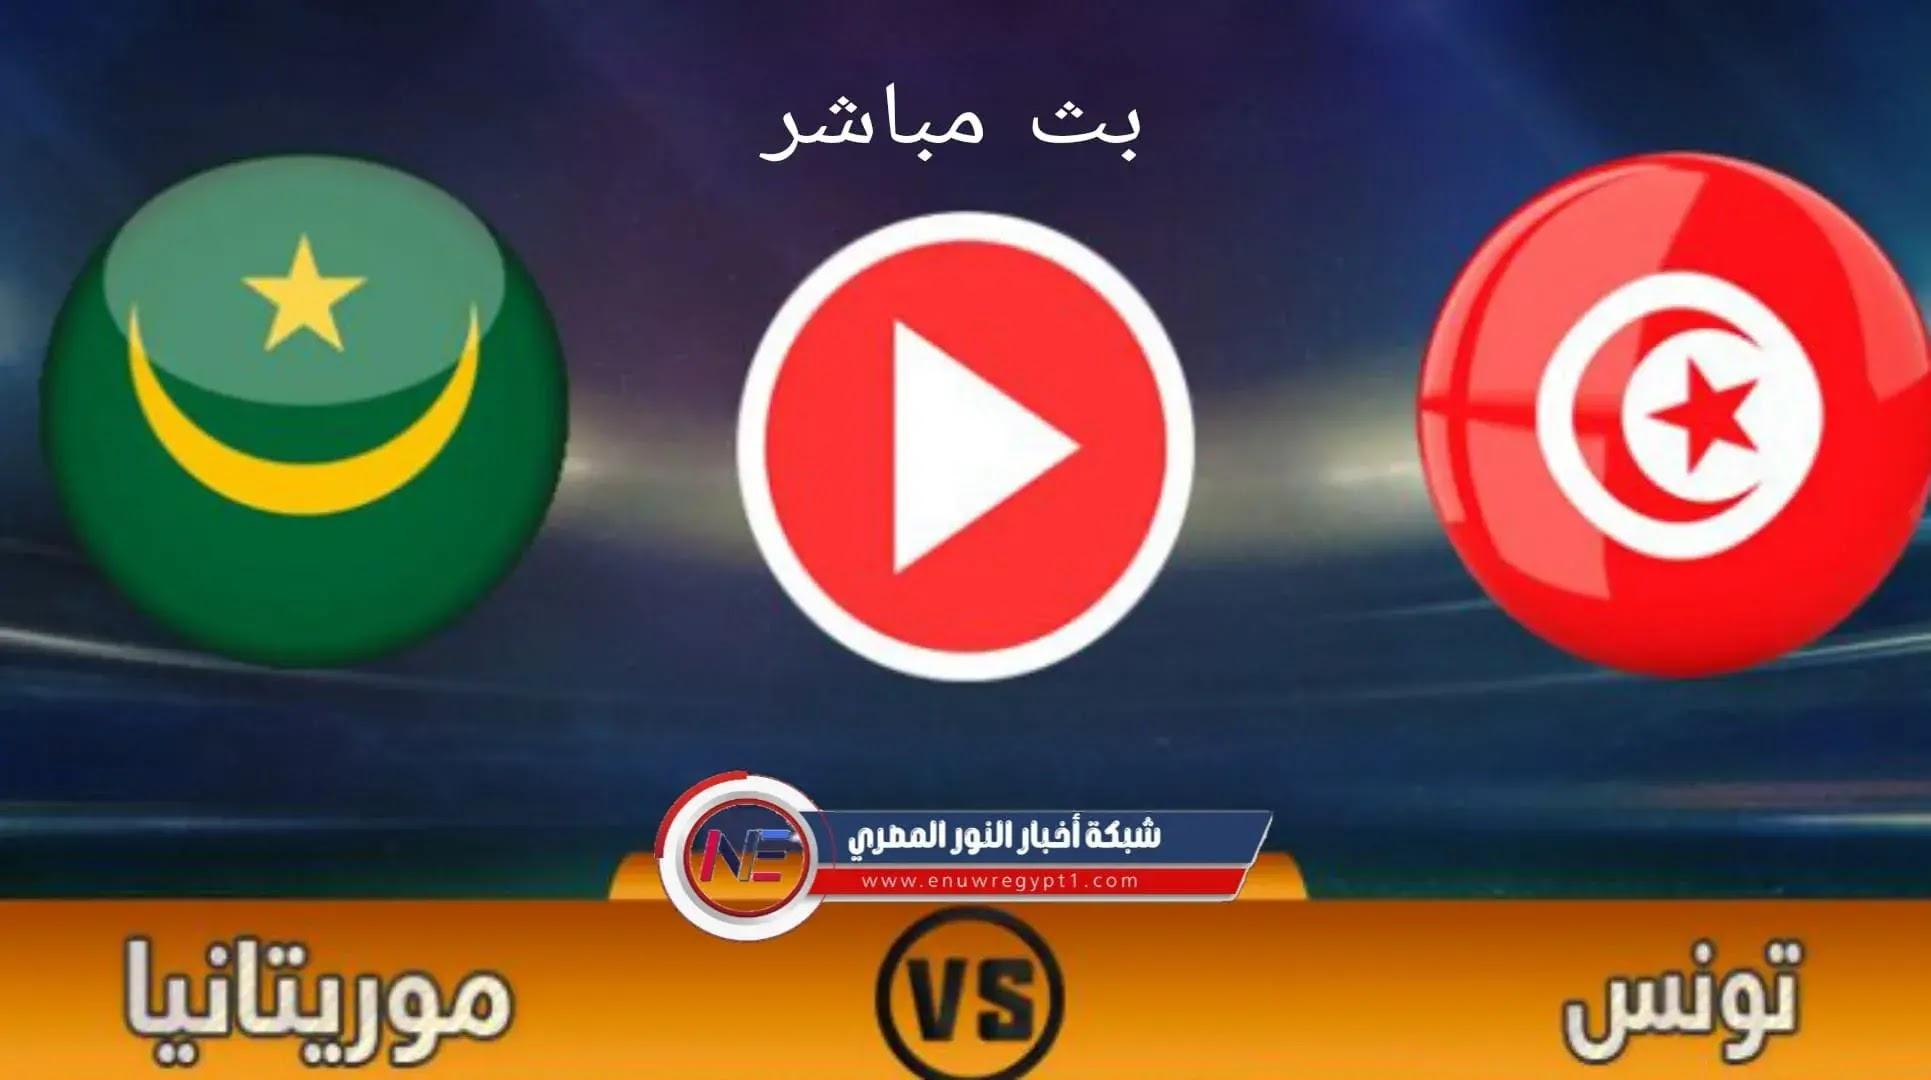 يلا شوت .. مشاهدة مباراة تونس و موريتانيا بث مباشر يلا شوت يوتيوب بتاريخ اليوم 10-10-2021 في تصفيات كأس العالم بجودة عالية